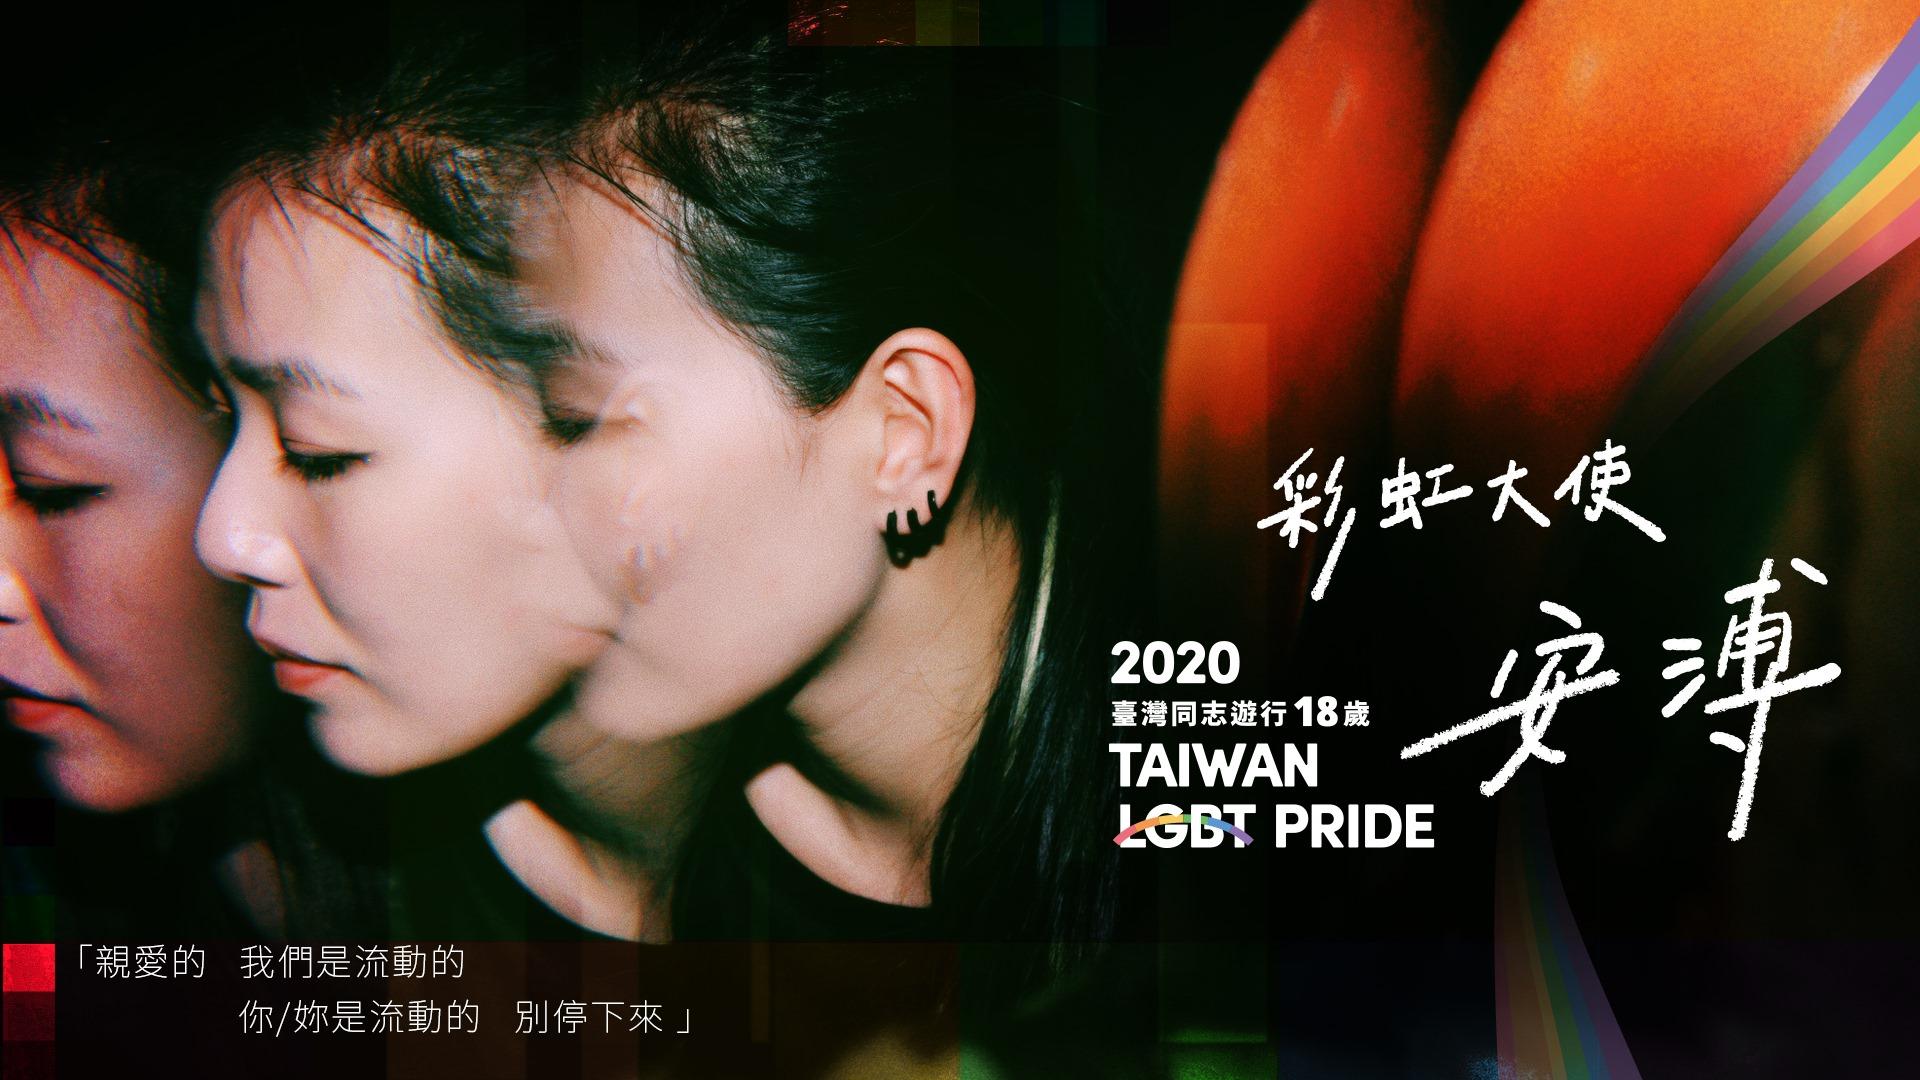 迎接10月同志驕傲月,台灣同志大遊行安溥任彩虹大使力挺「成人之美」